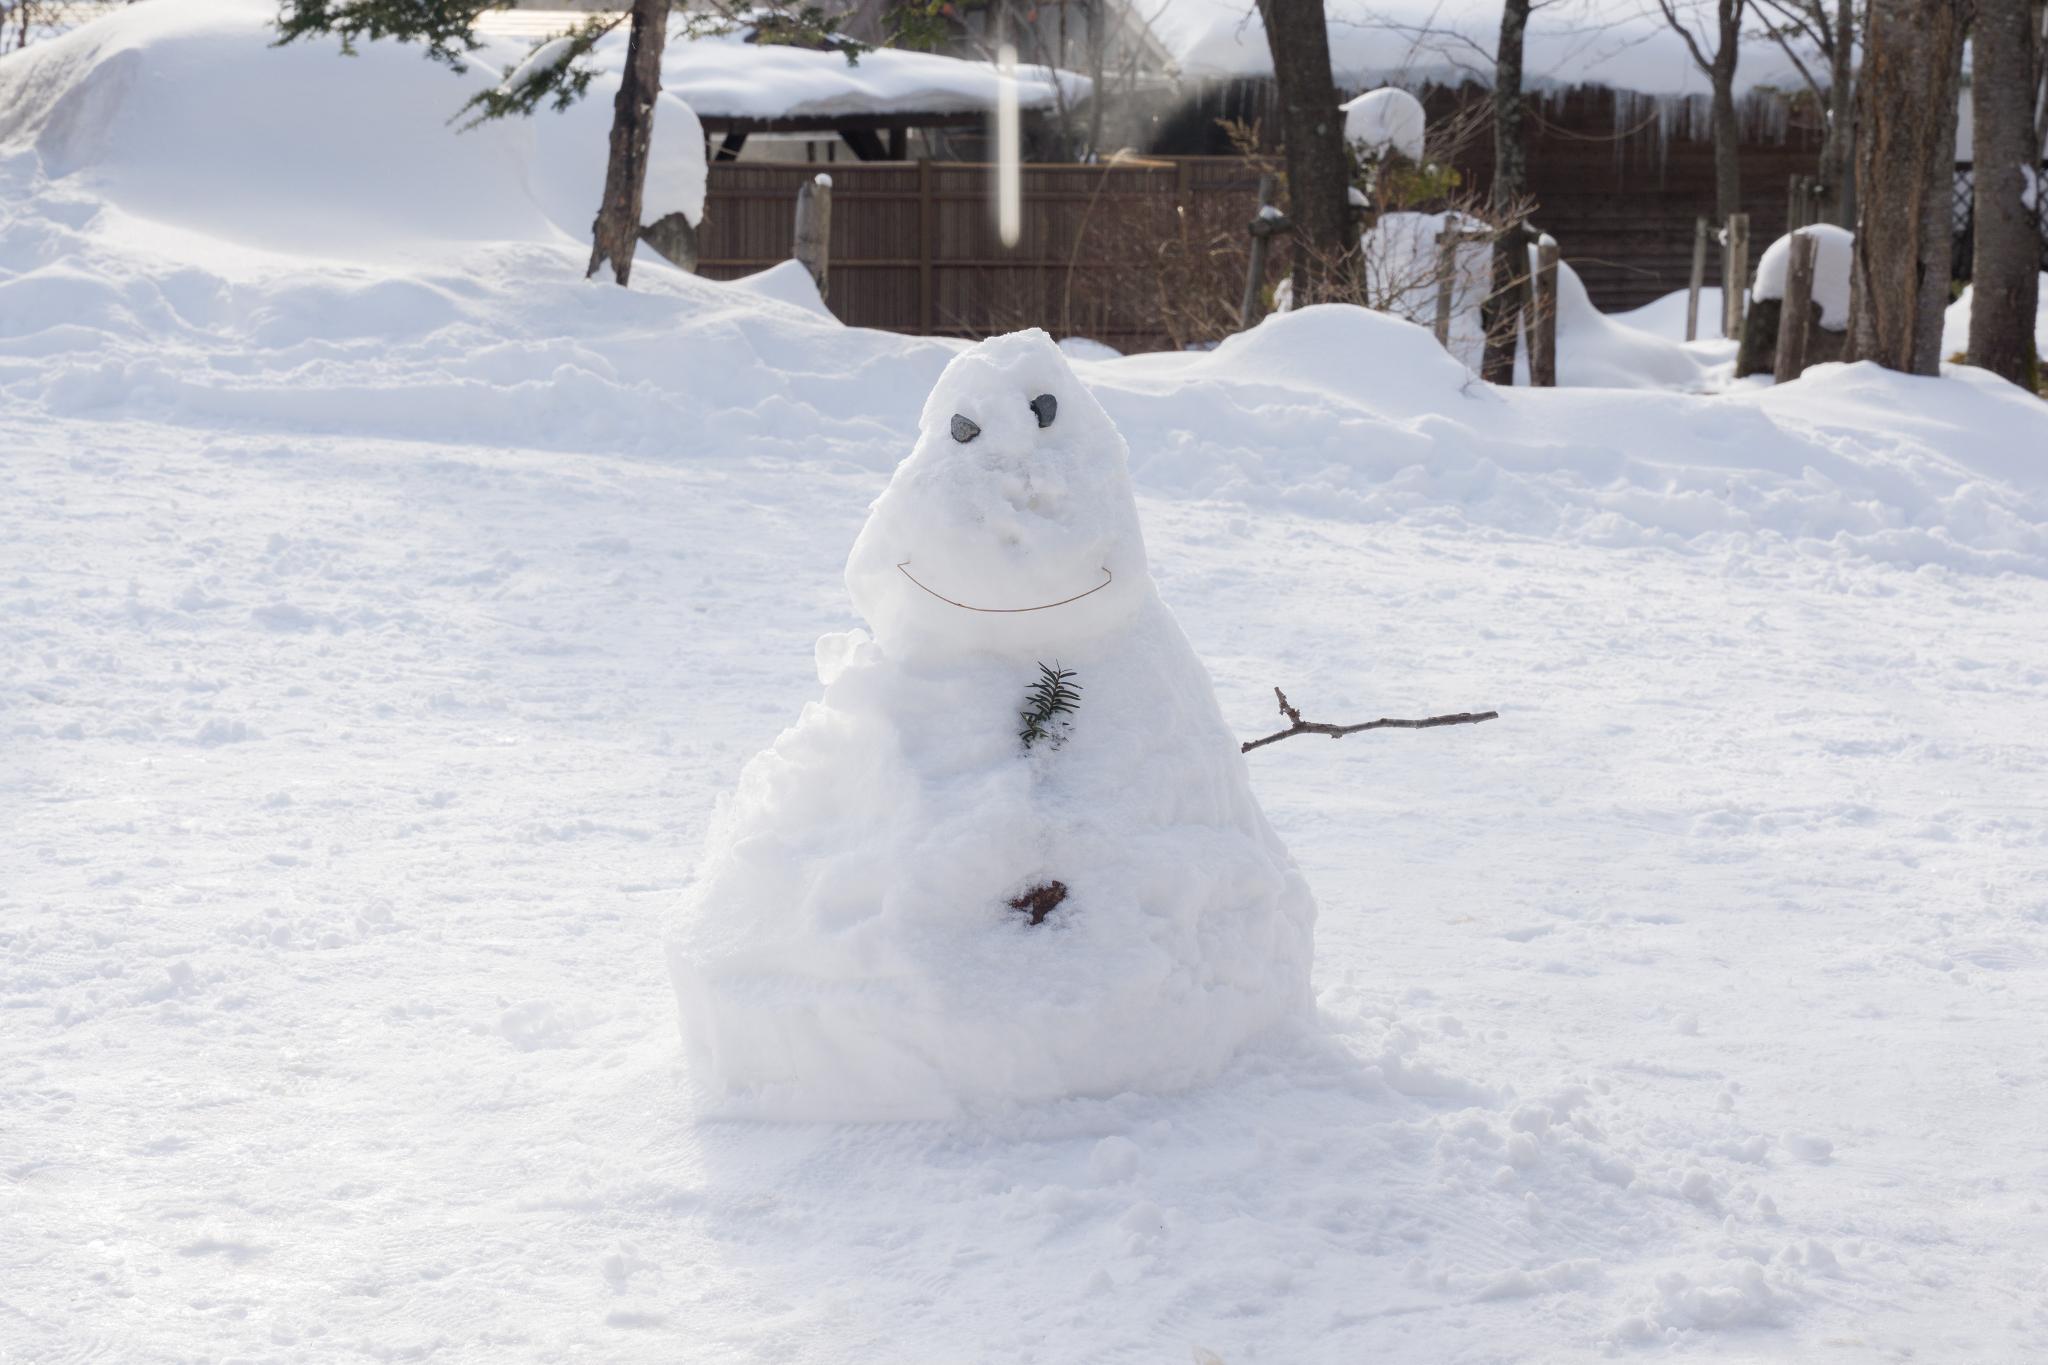 【岐阜】超級推薦!奧飛驒溫泉鄉的冬季戀歌 ~ 新穗高纜車雪景攻略 126